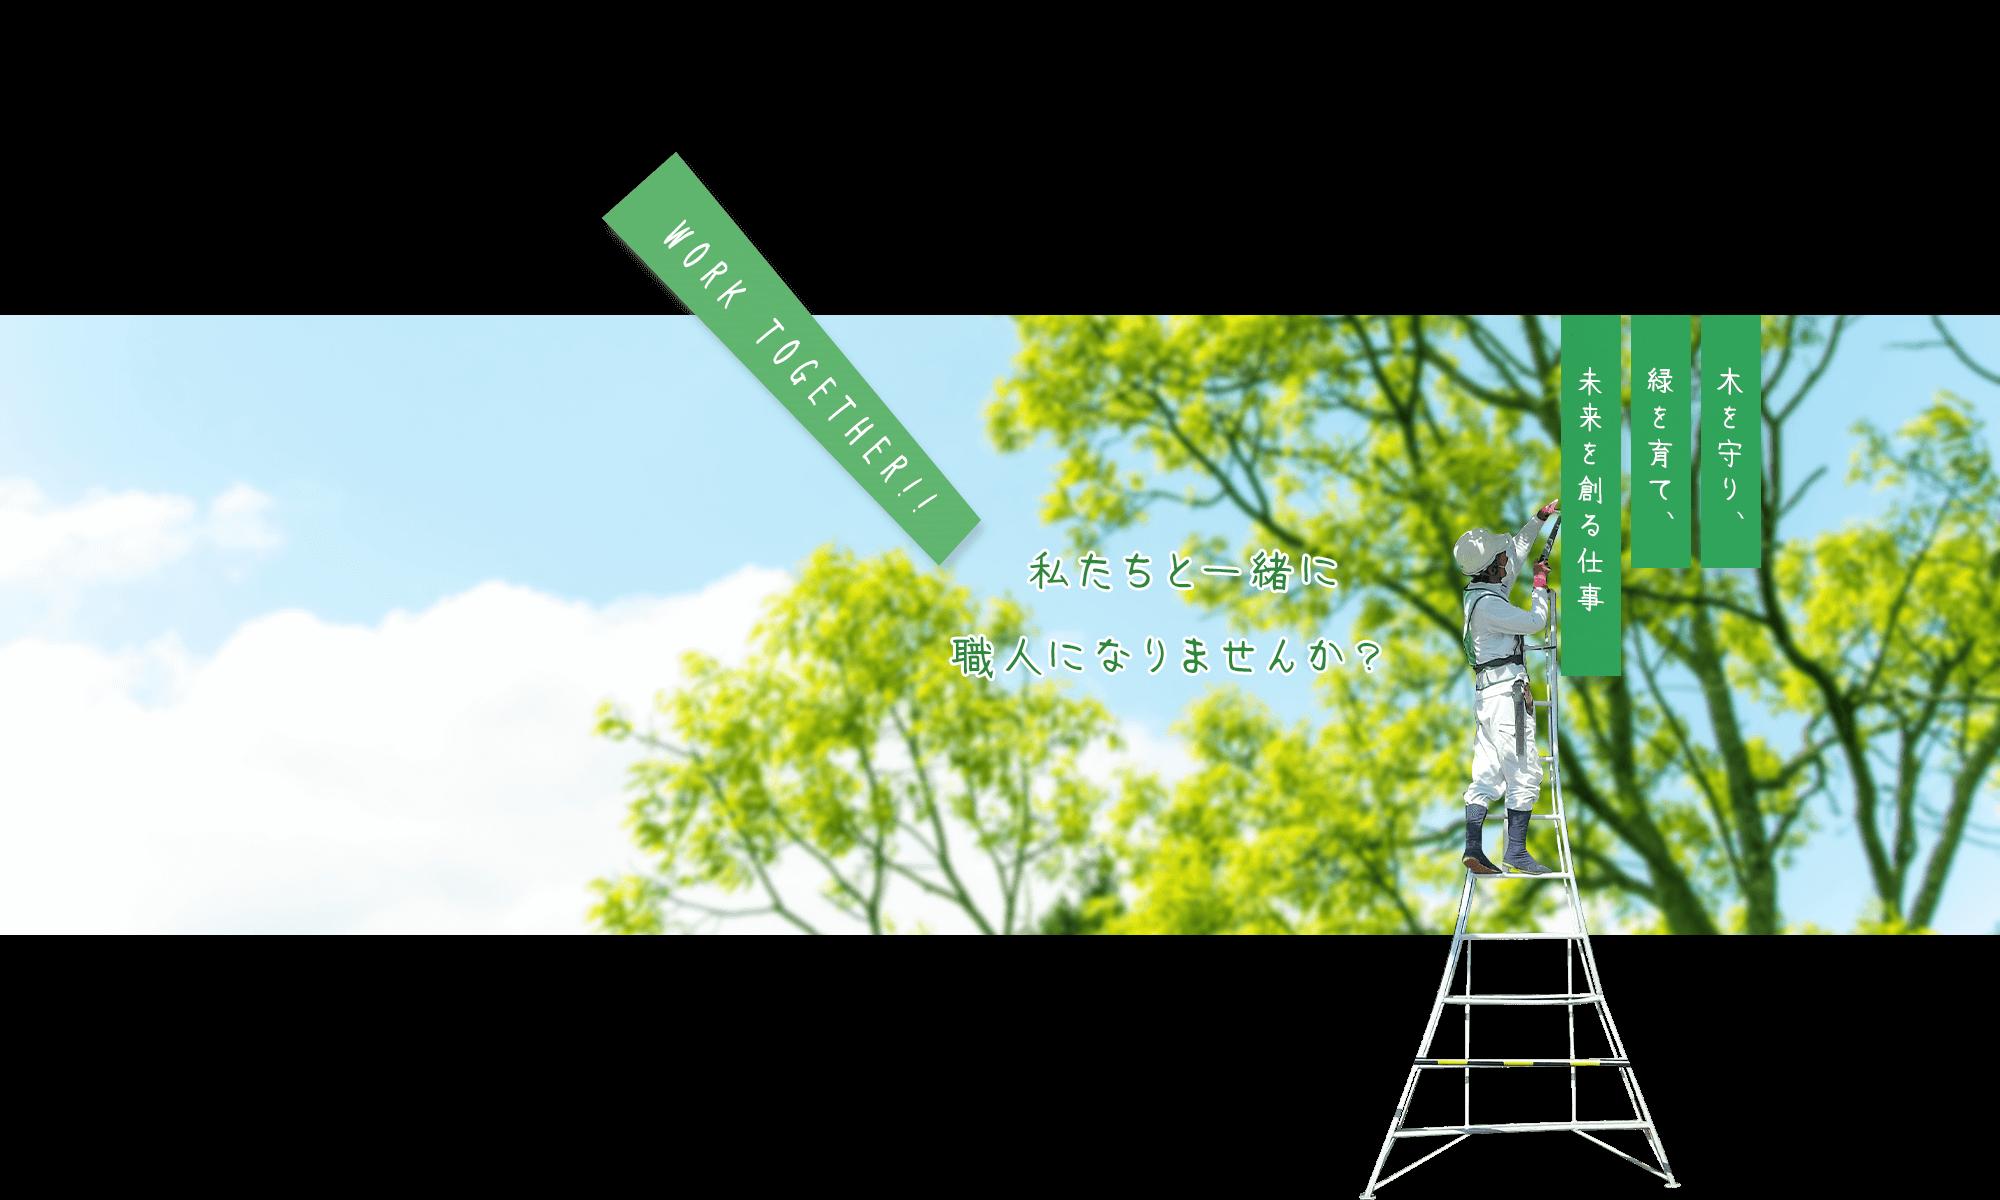 木を守り、緑を育て、未来を創る仕事。私たちと一緒に職人になりませんか?